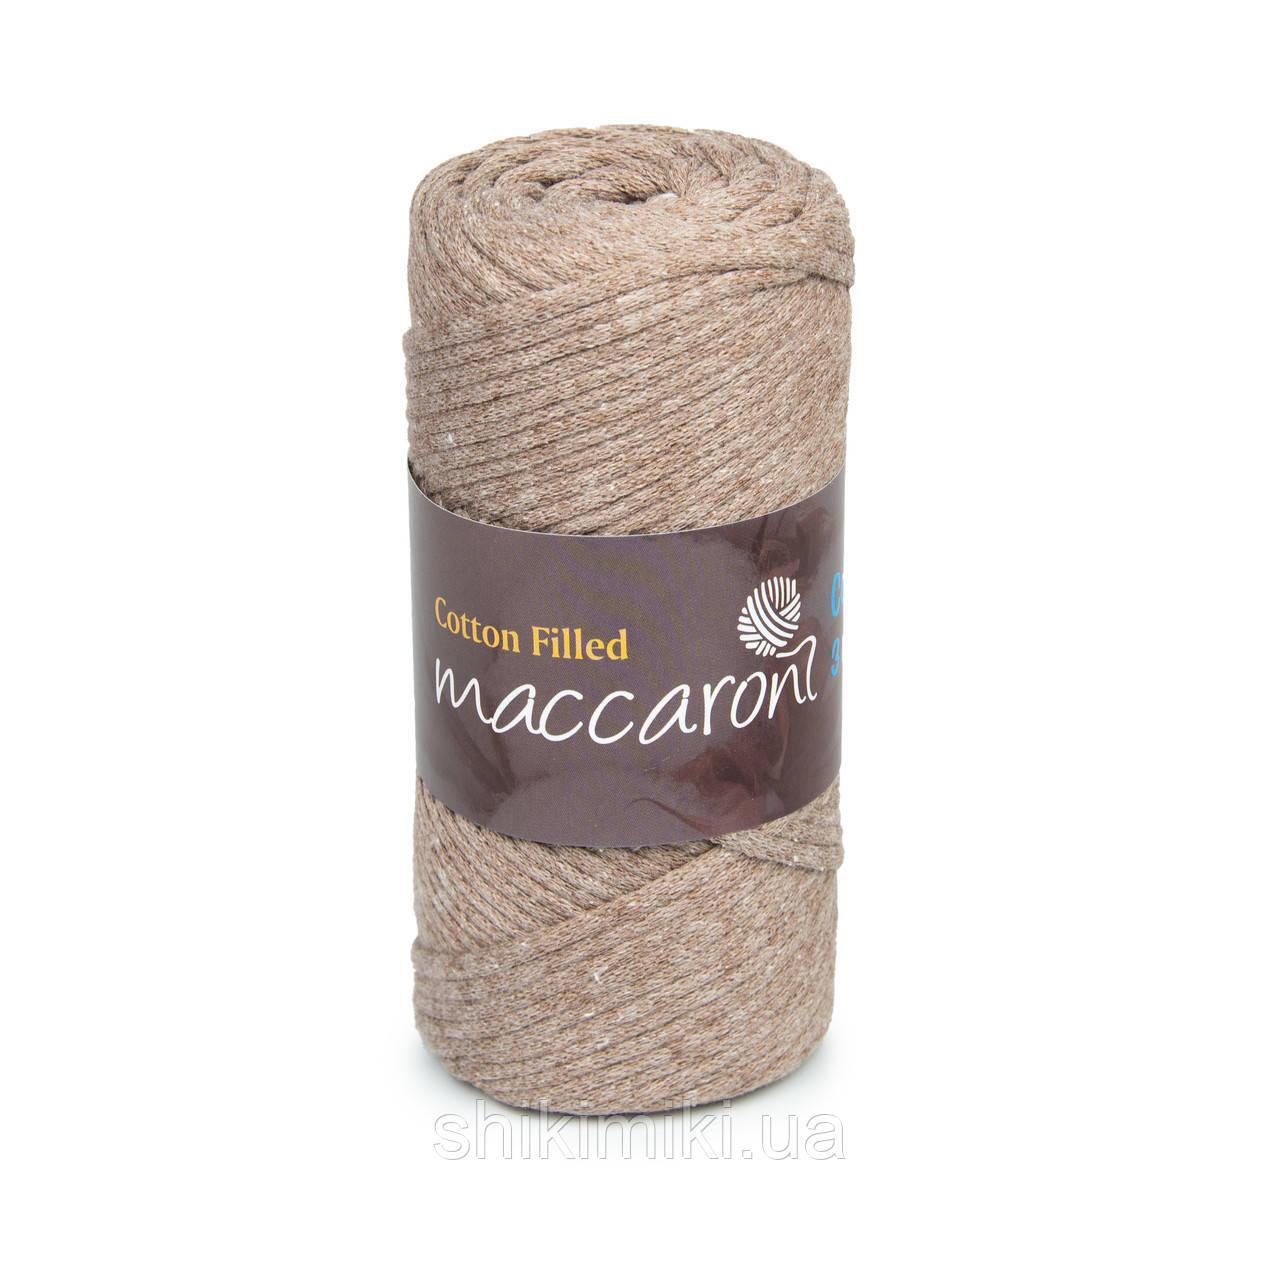 Трикотажный хлопковый шнур Cotton Filled 3 мм, цвет Капучино